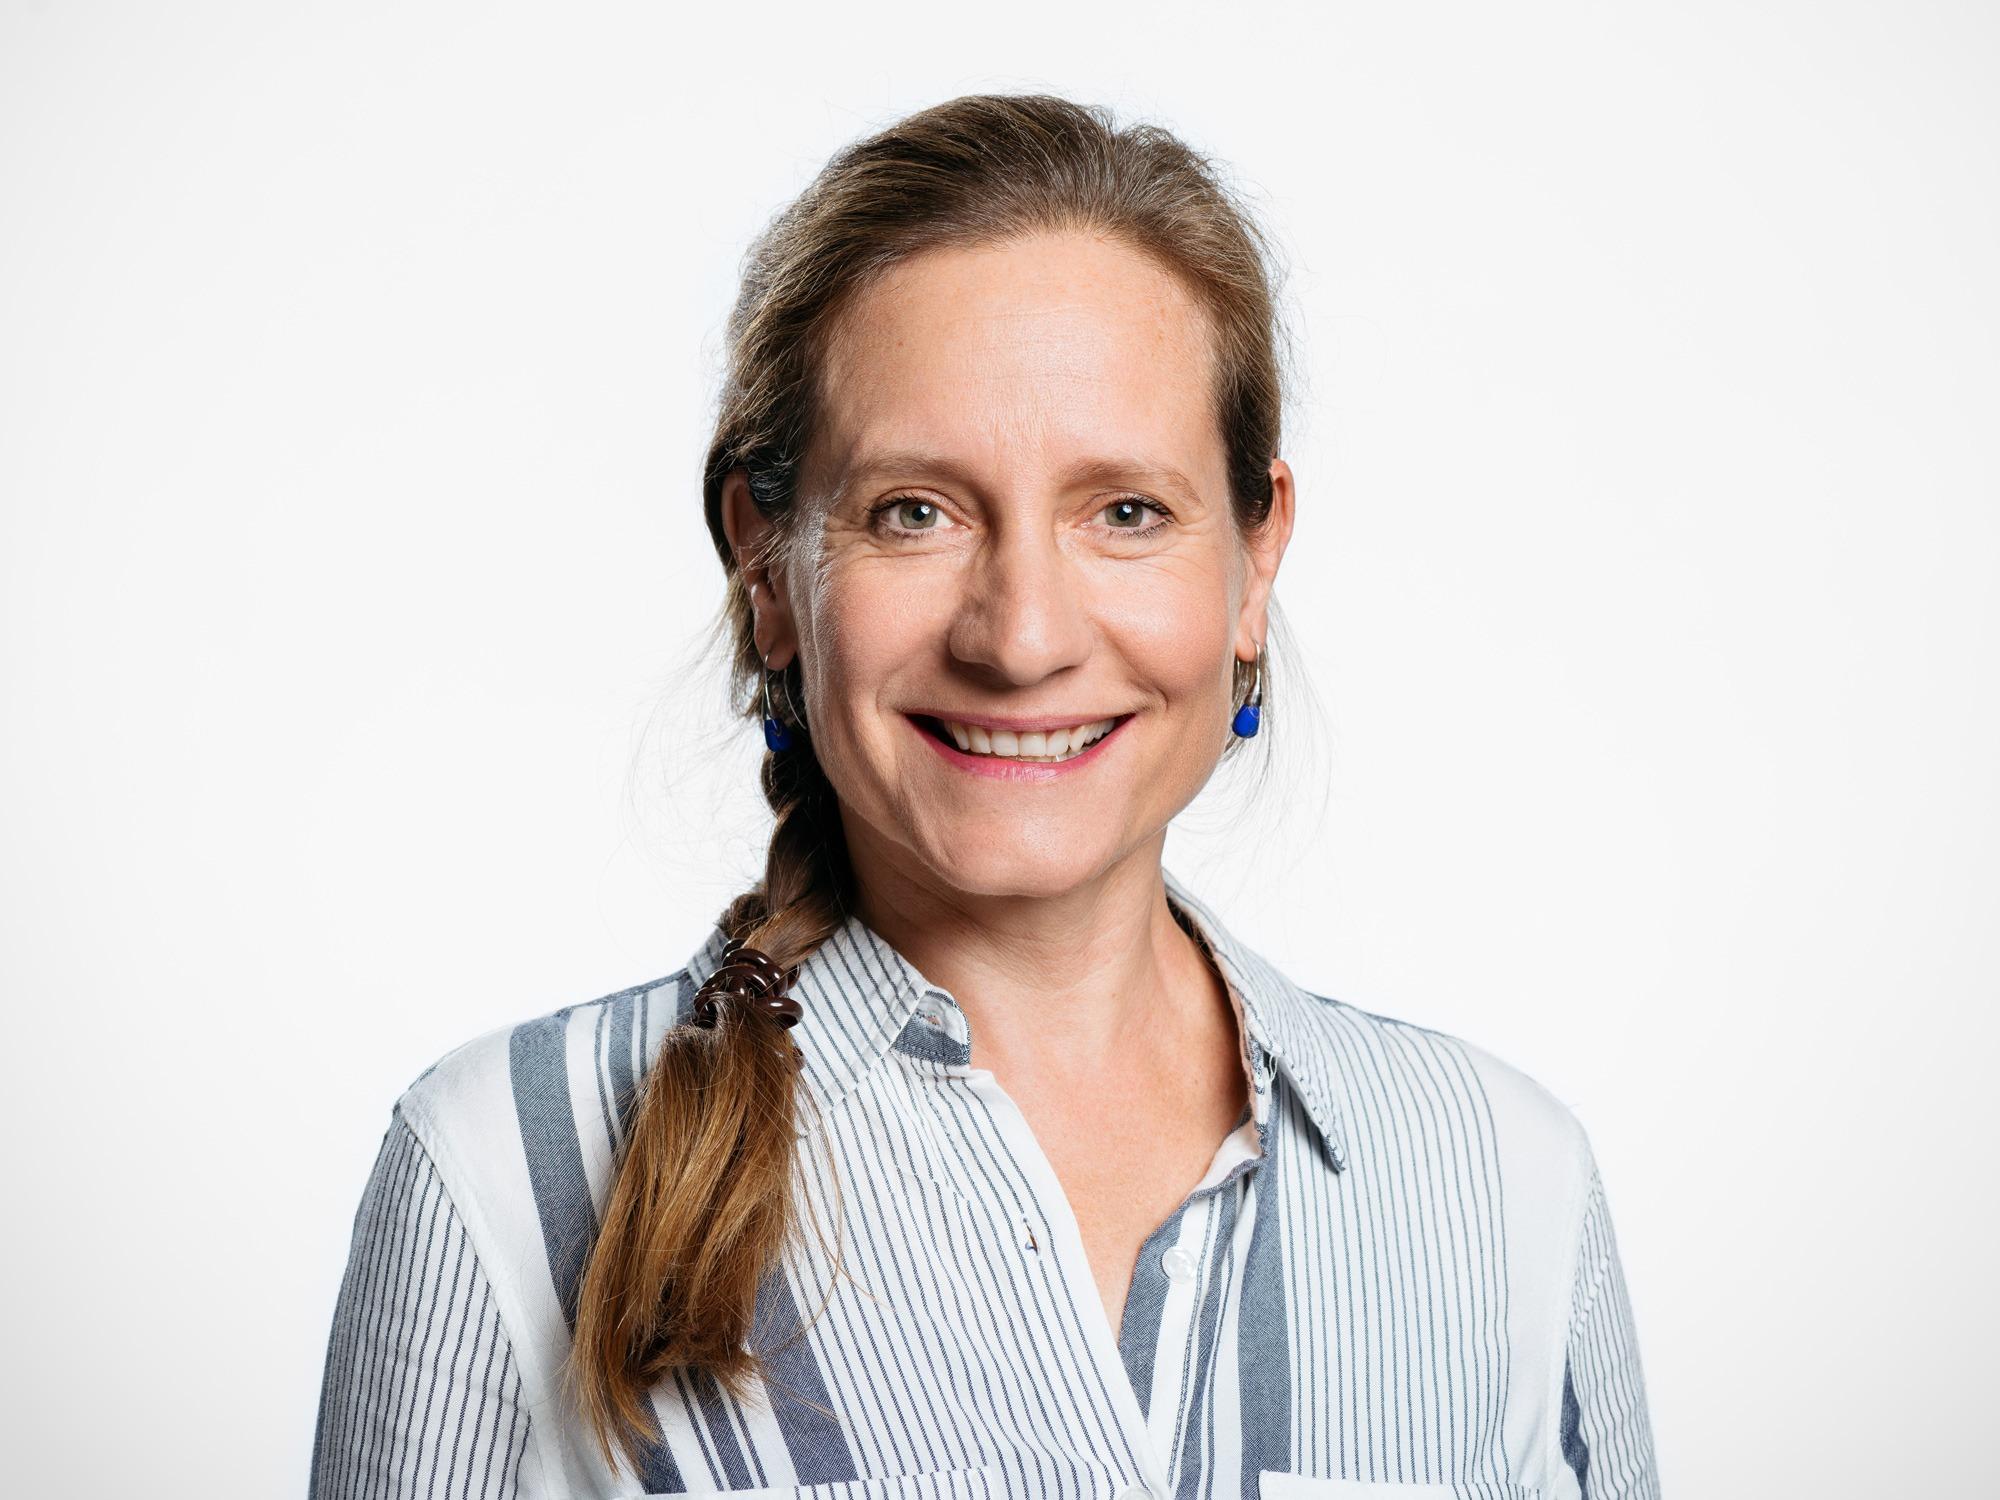 Vanessa Pohl